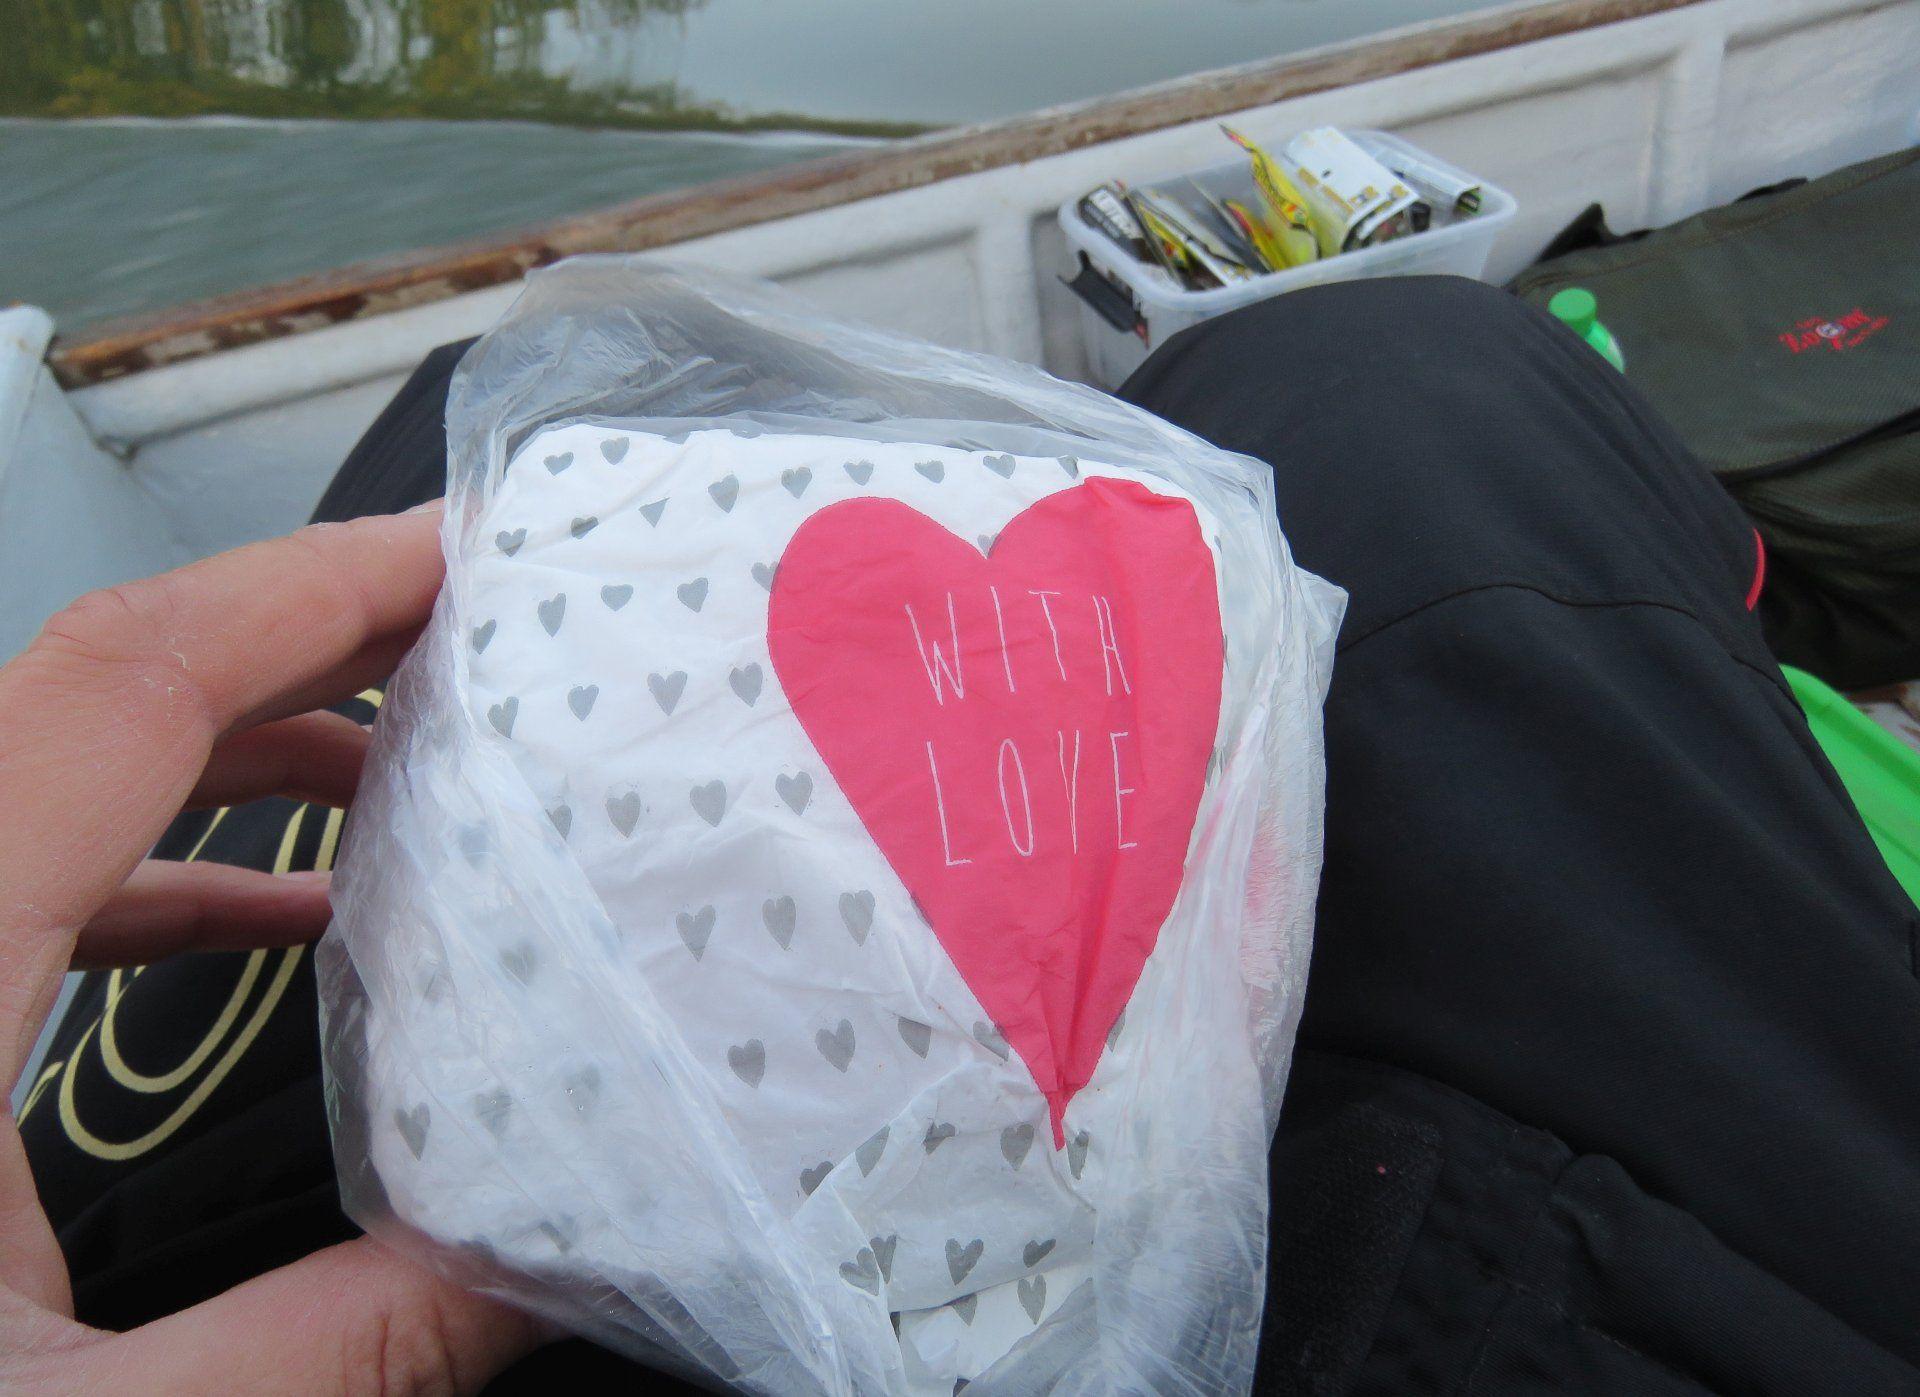 Feleségem, ha épp nem is tud mindig velem tartani, arról mindig gondoskodik, hogy enni ne felejtsek el horgászat közben sem